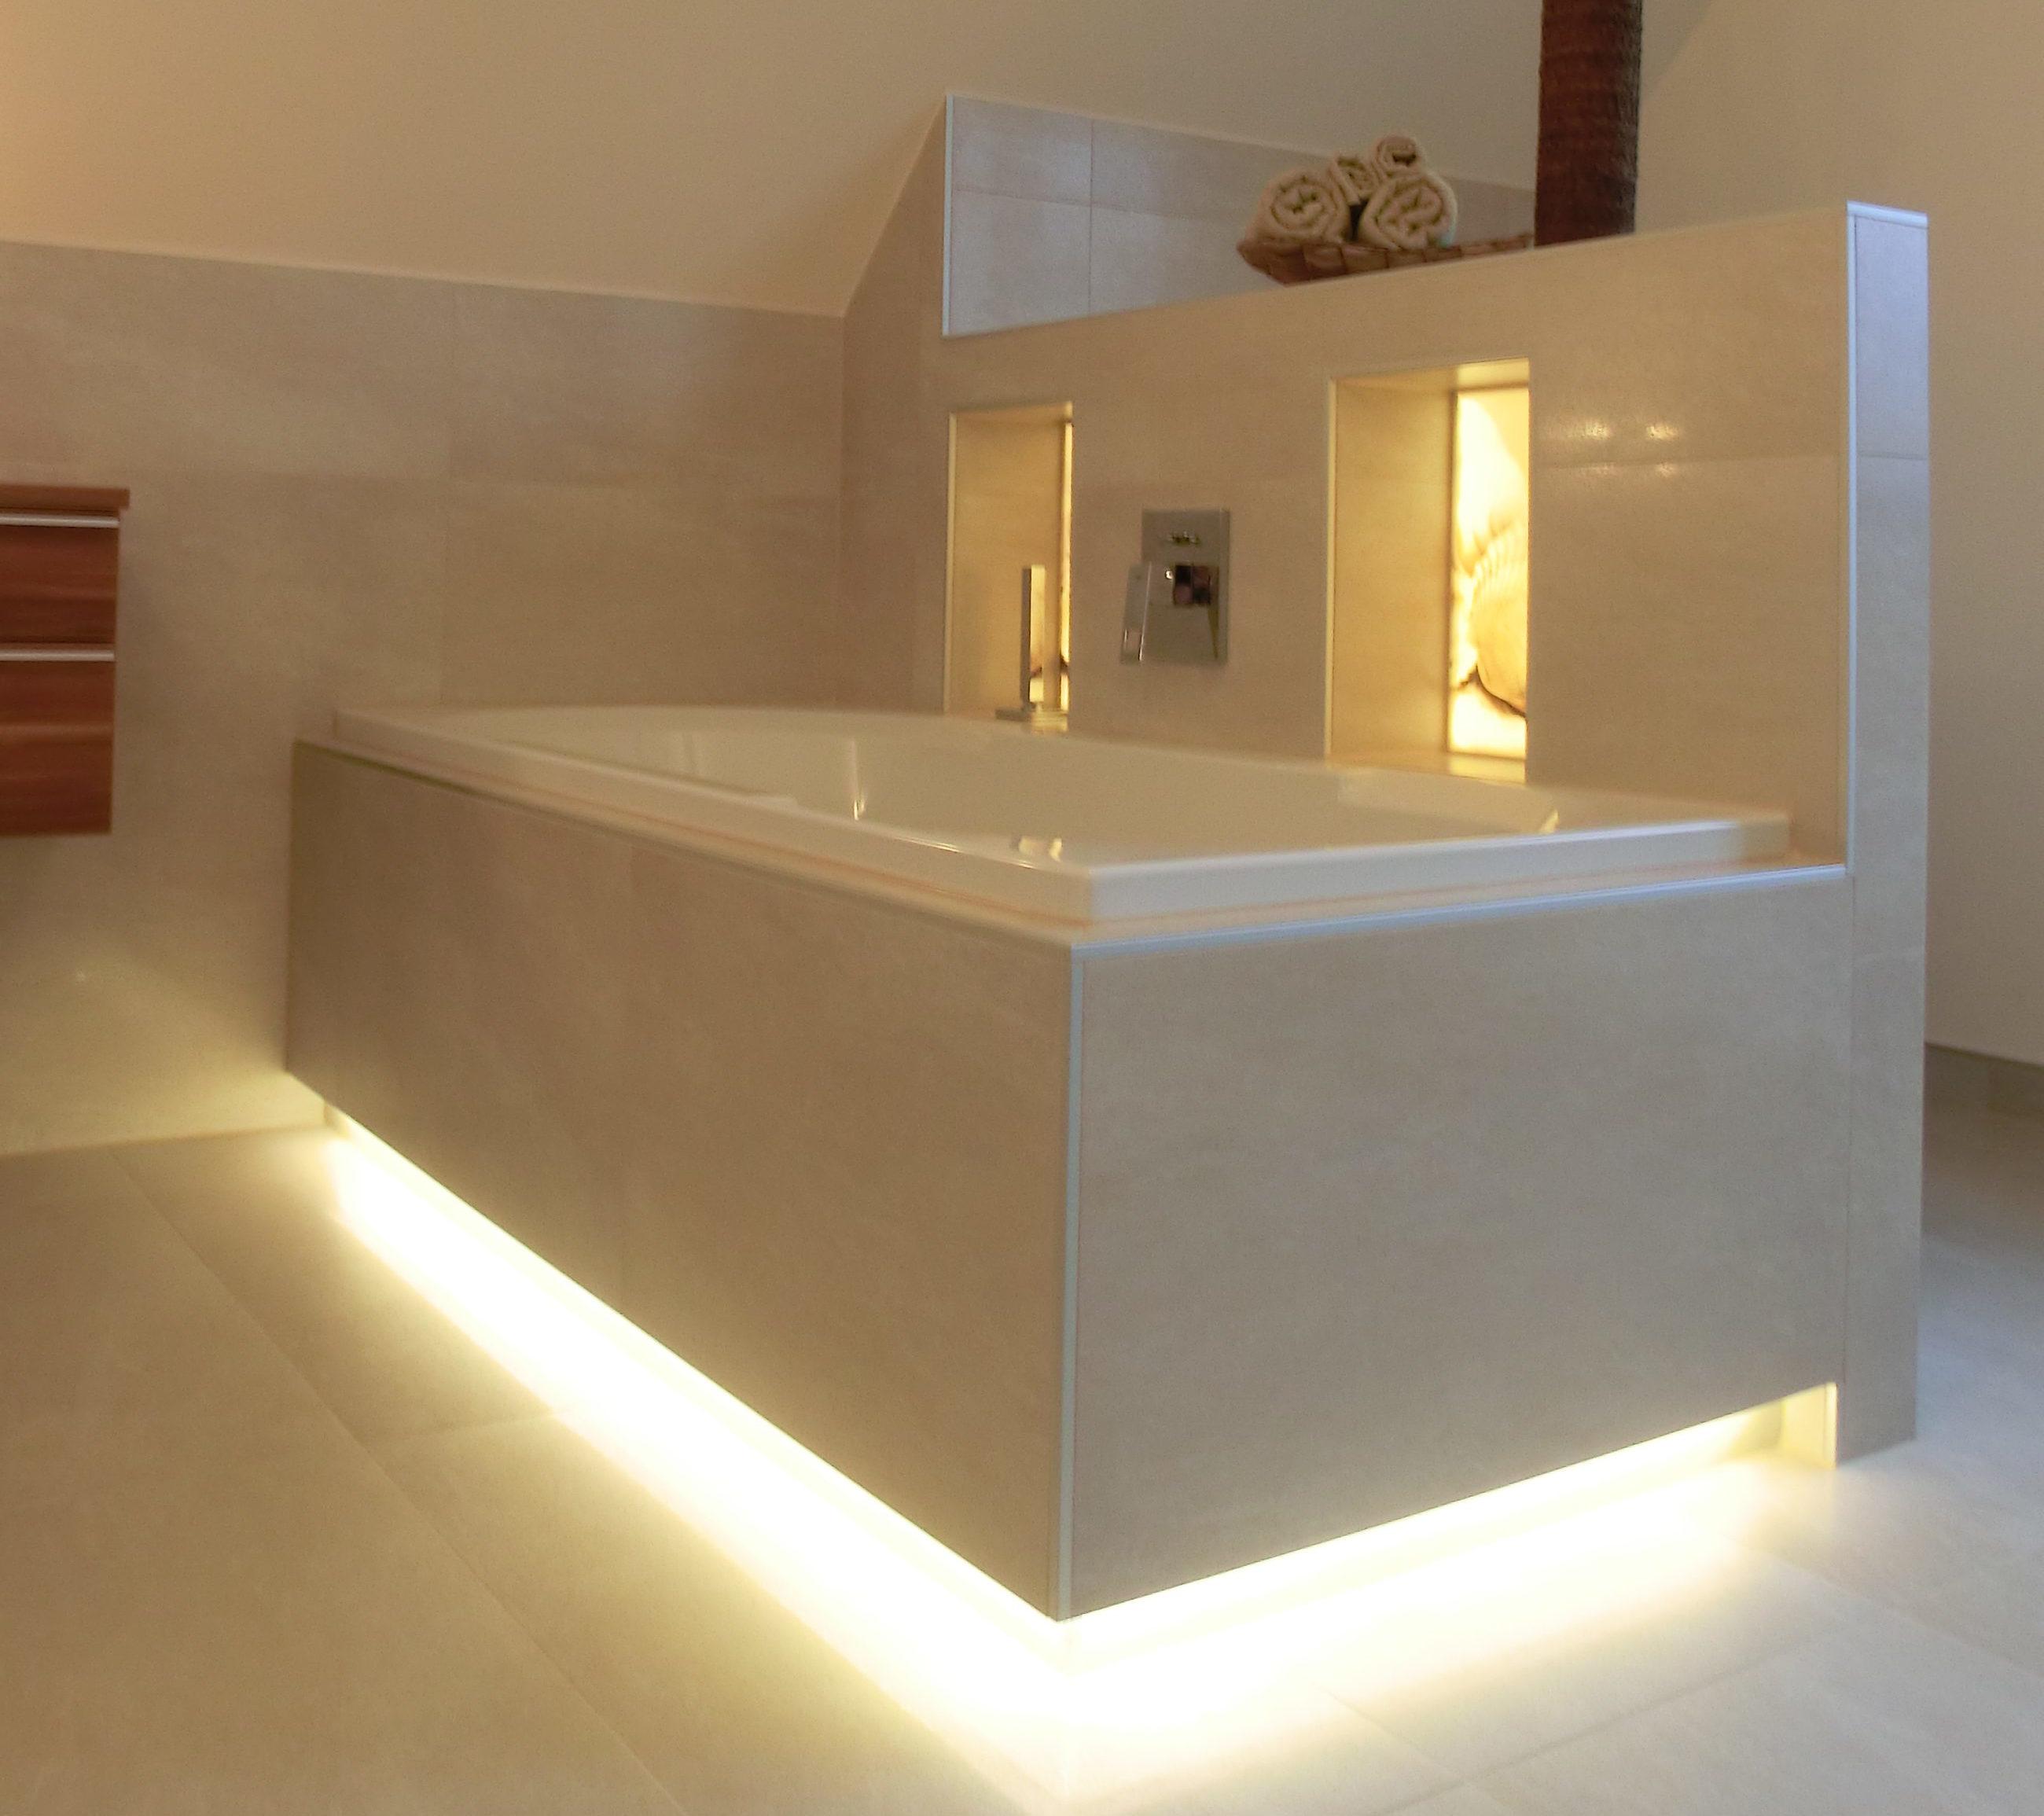 beleuchtete Badewanne mit hinterleuchteten Nischen